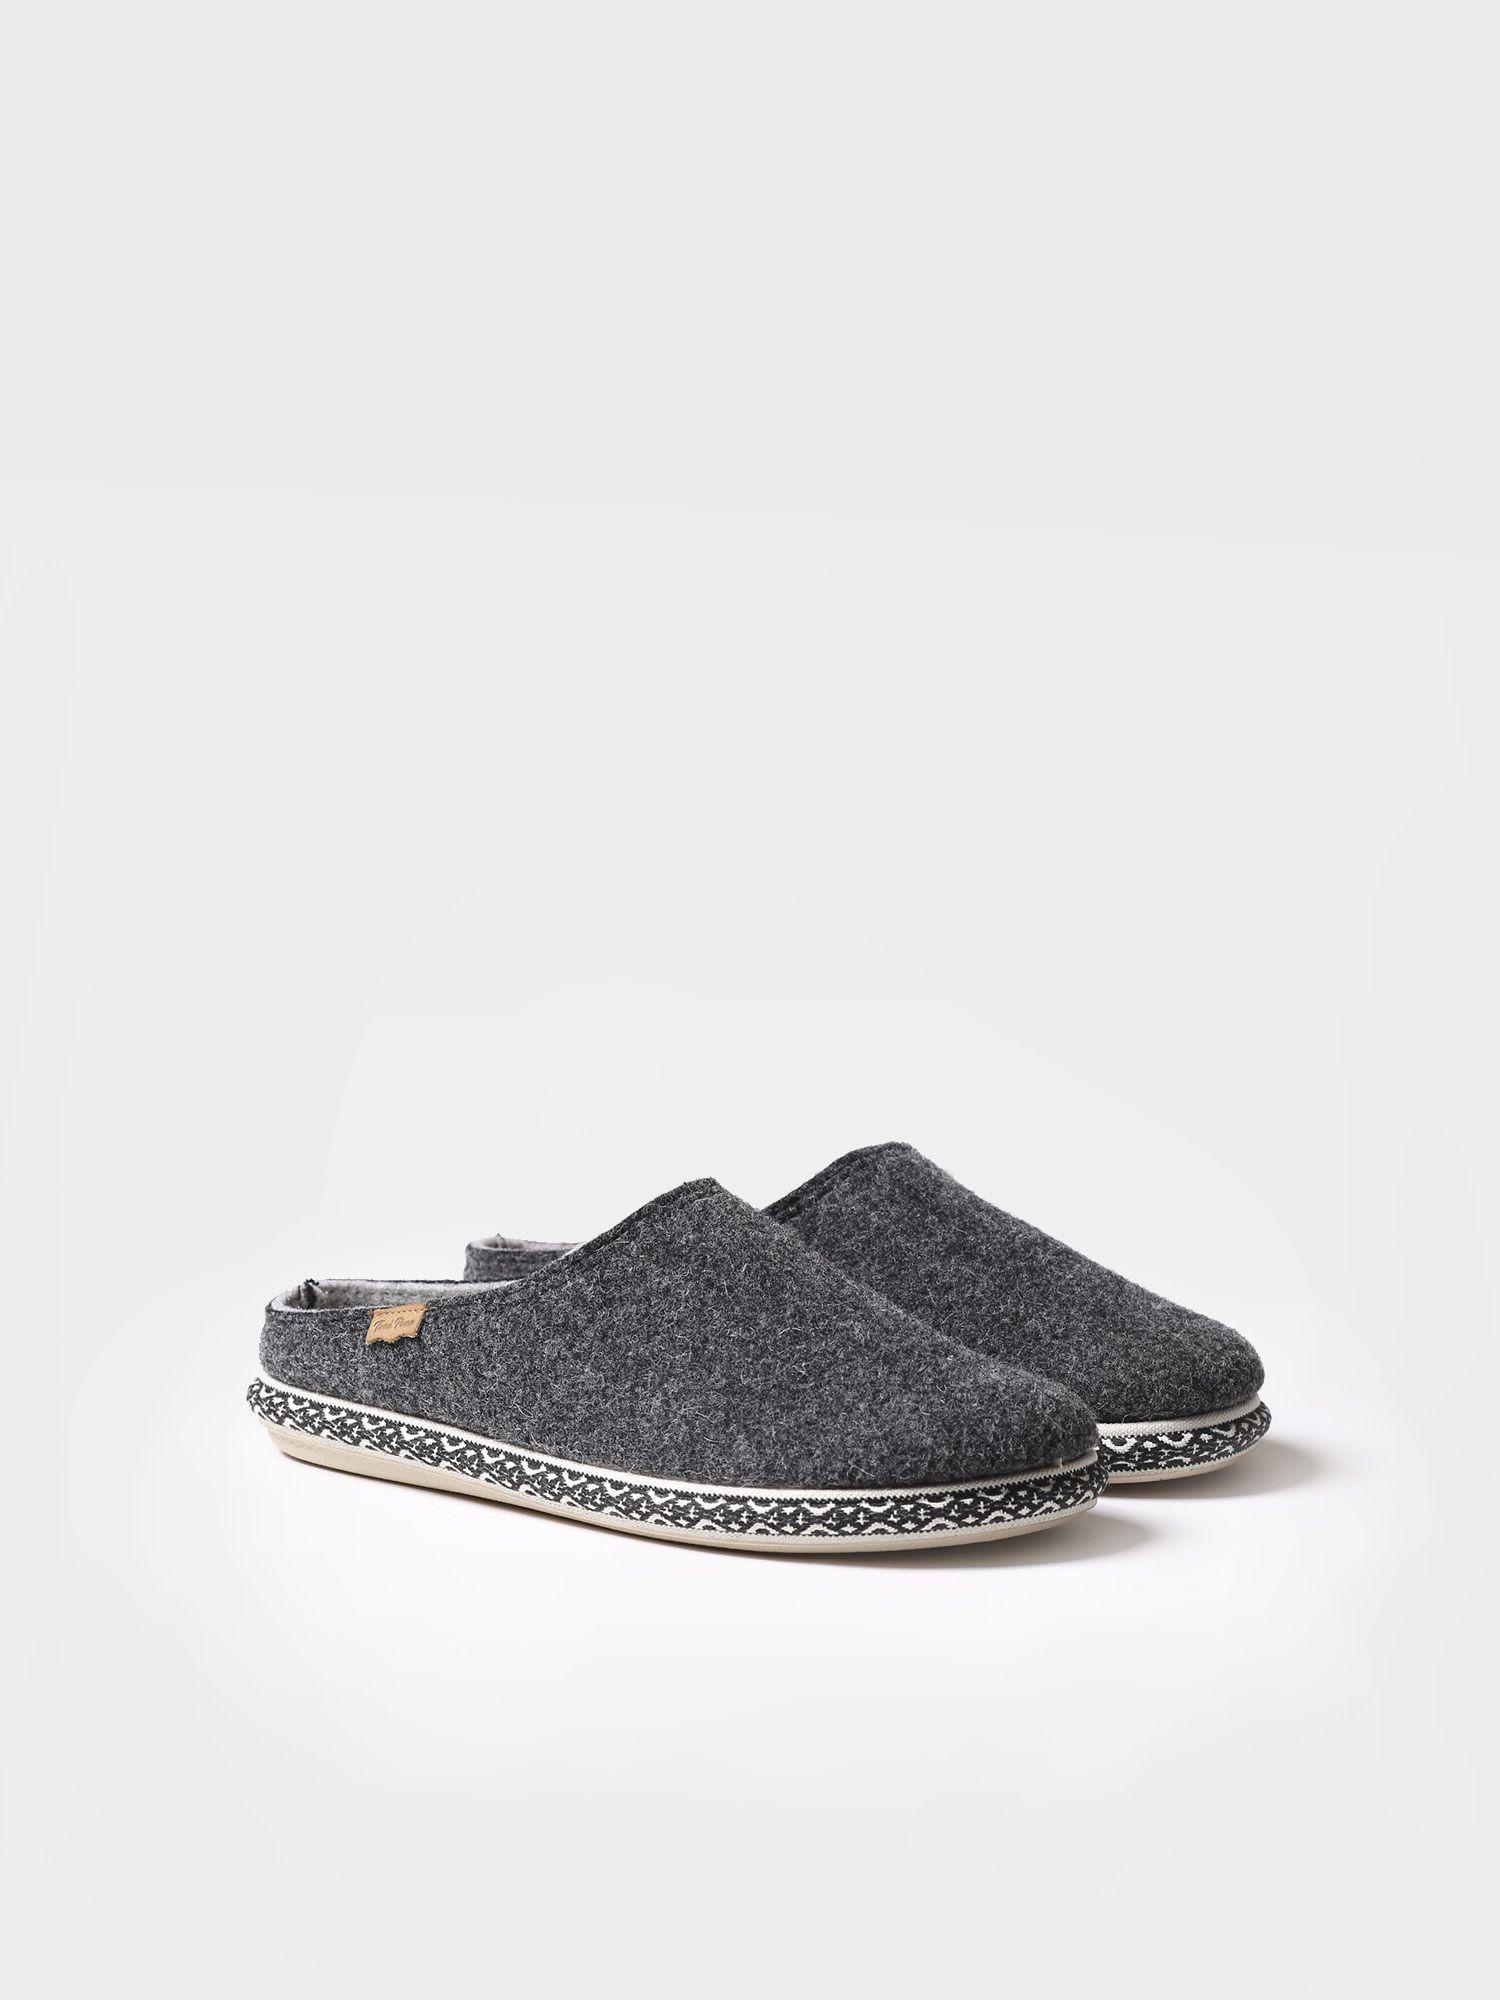 Toni Pons Slippers